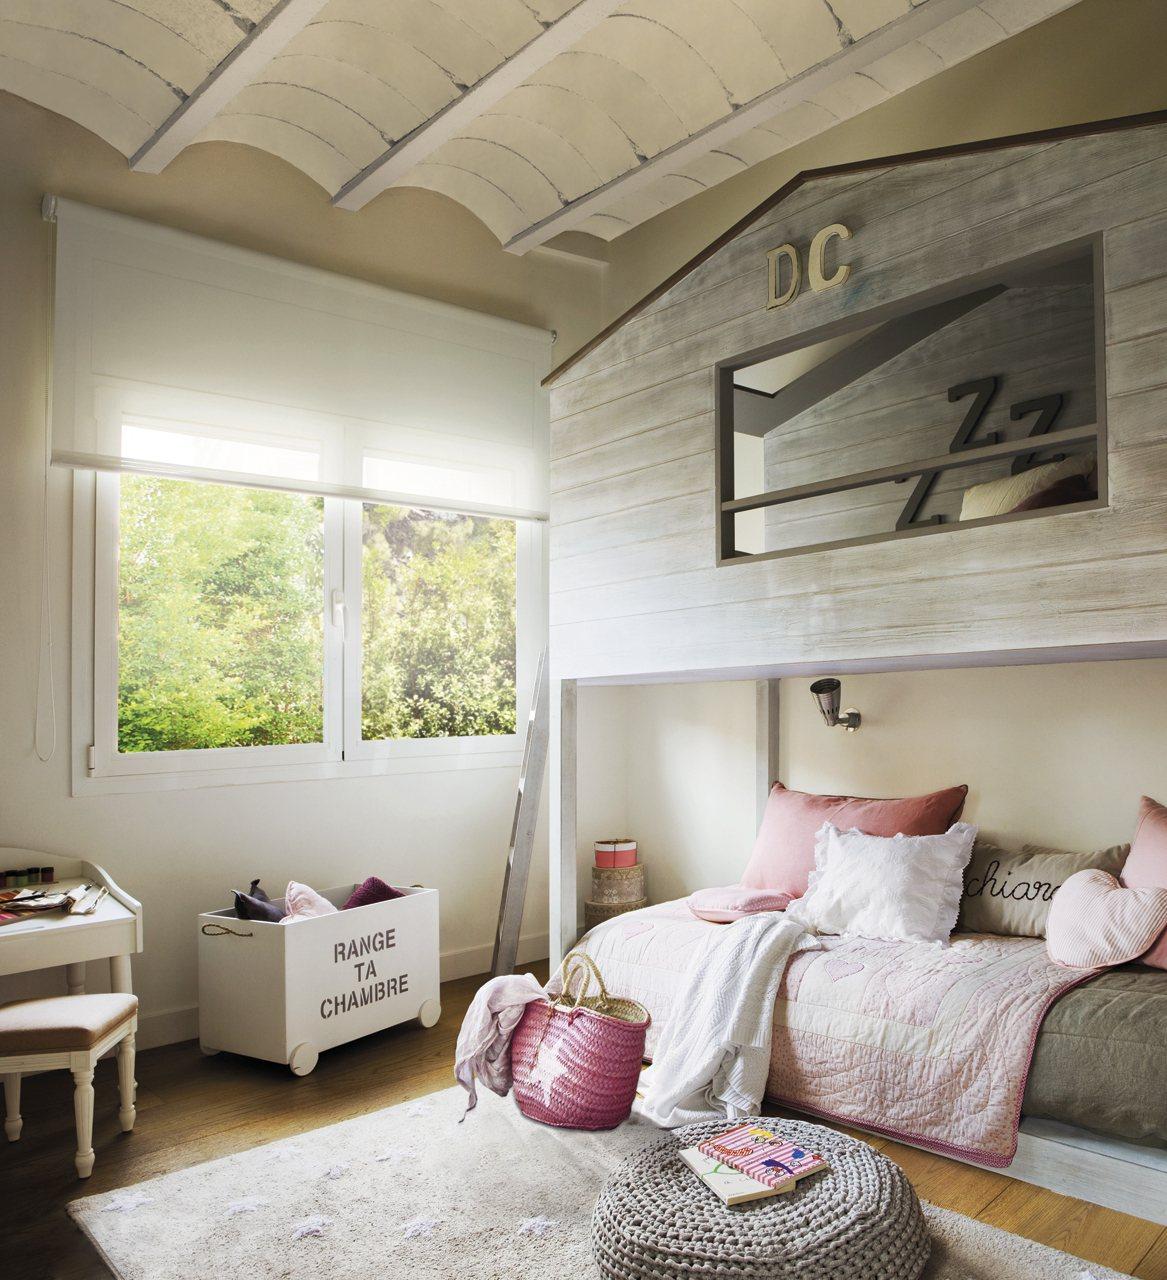 Habitaciones infantiles con dormitorio y zona de juegos - Ver habitaciones infantiles ...